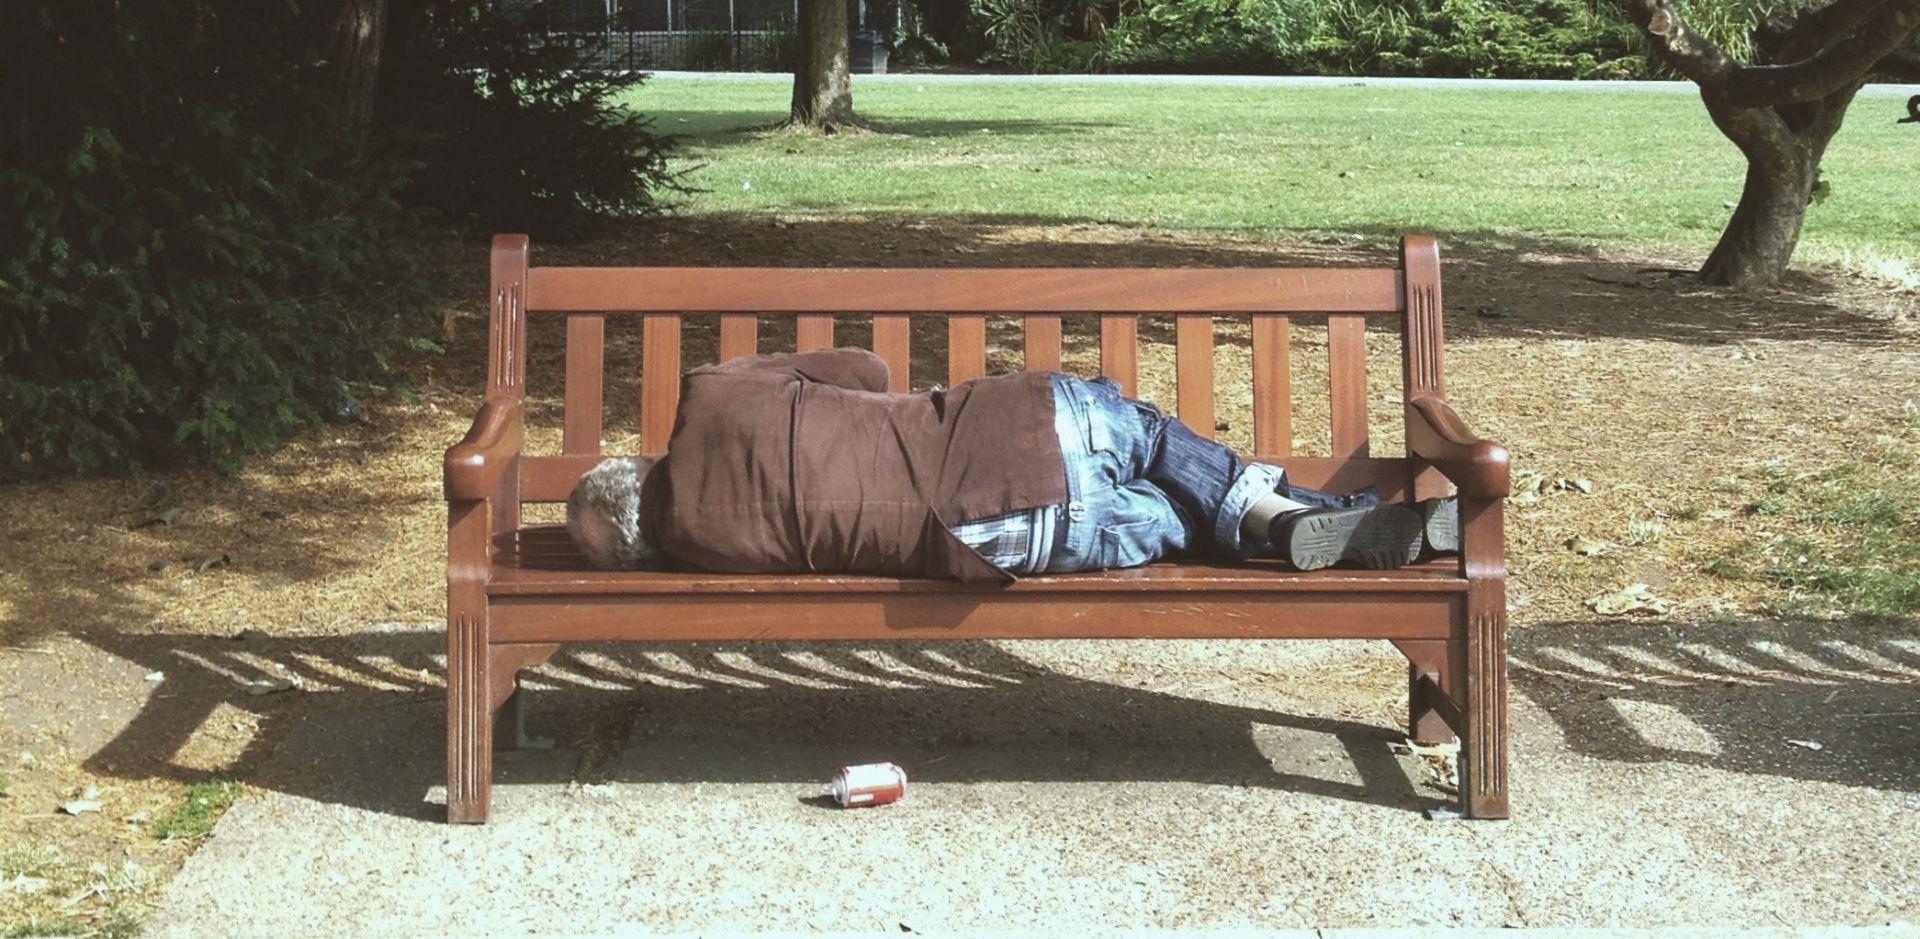 ČETVRTINA BESKUĆNIKA DJECA Više od 500.000 beskućnika u Sjedinjenim Državama